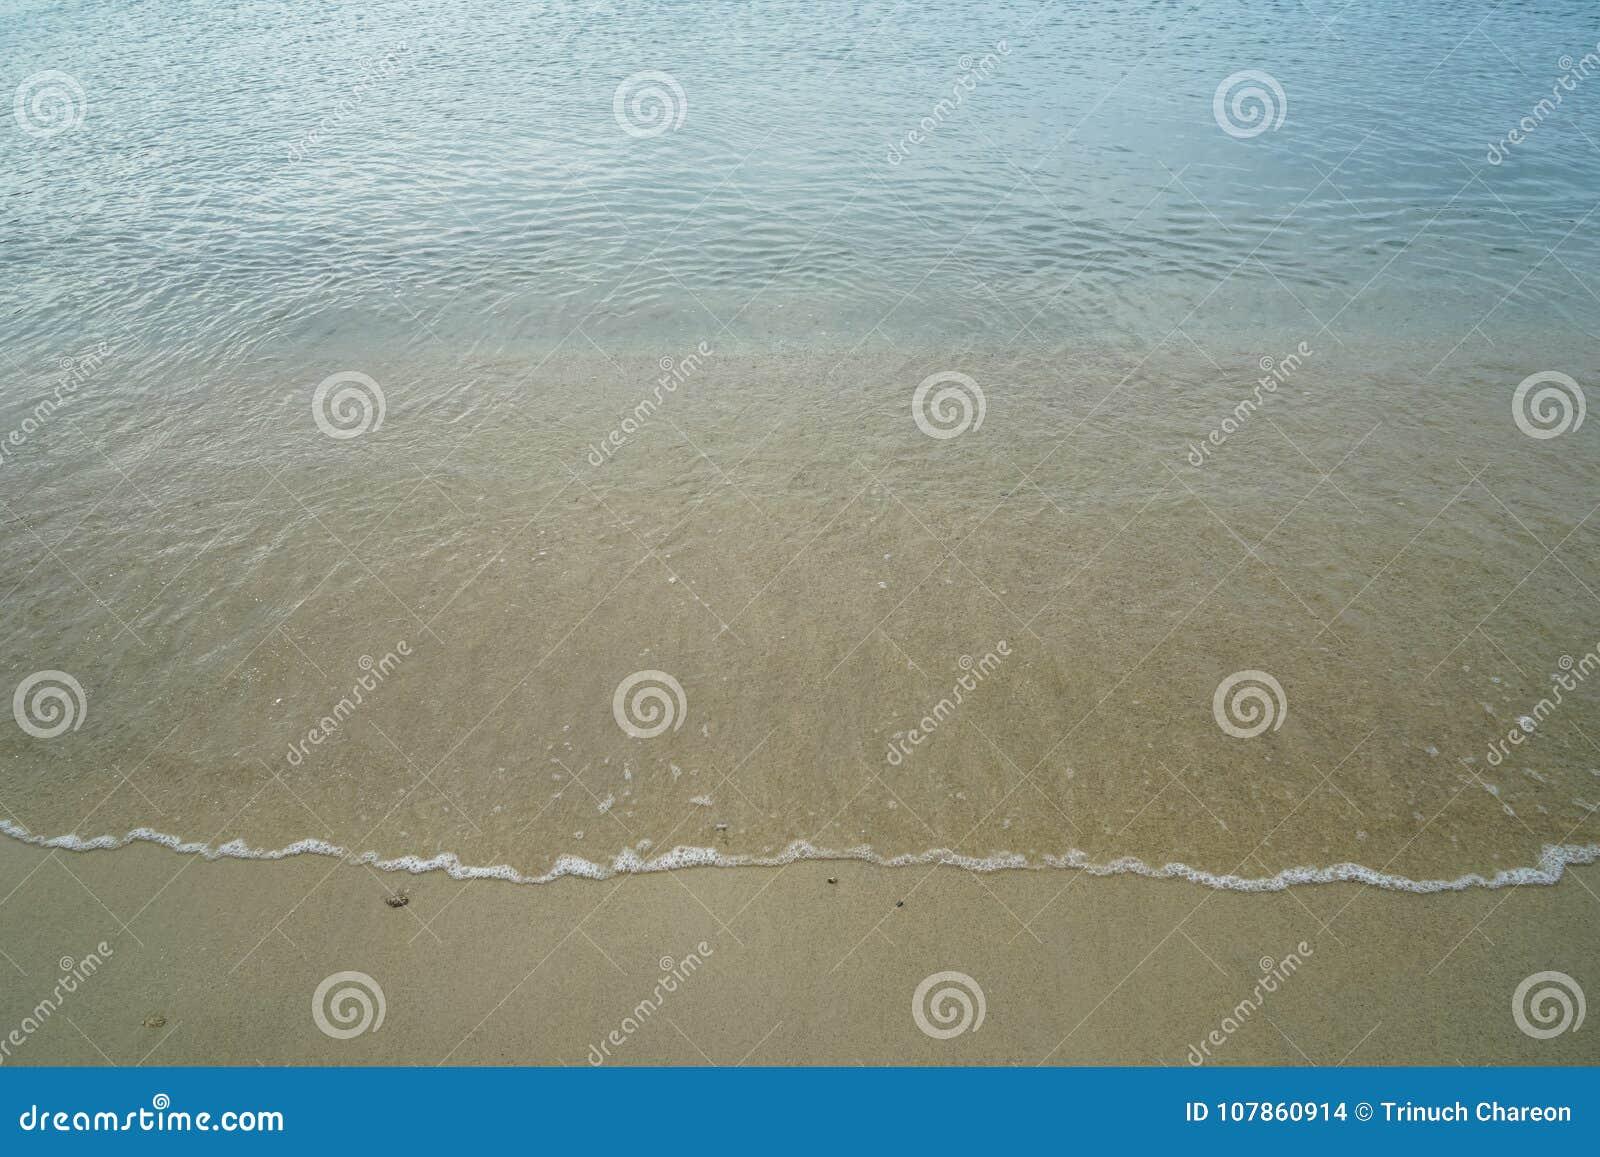 Miękka pastelowa czysta piaskowata plaża z świeżą jasną wodą morską i biała foamy fala wykładamy tło i copyspace na Ornos brzeg